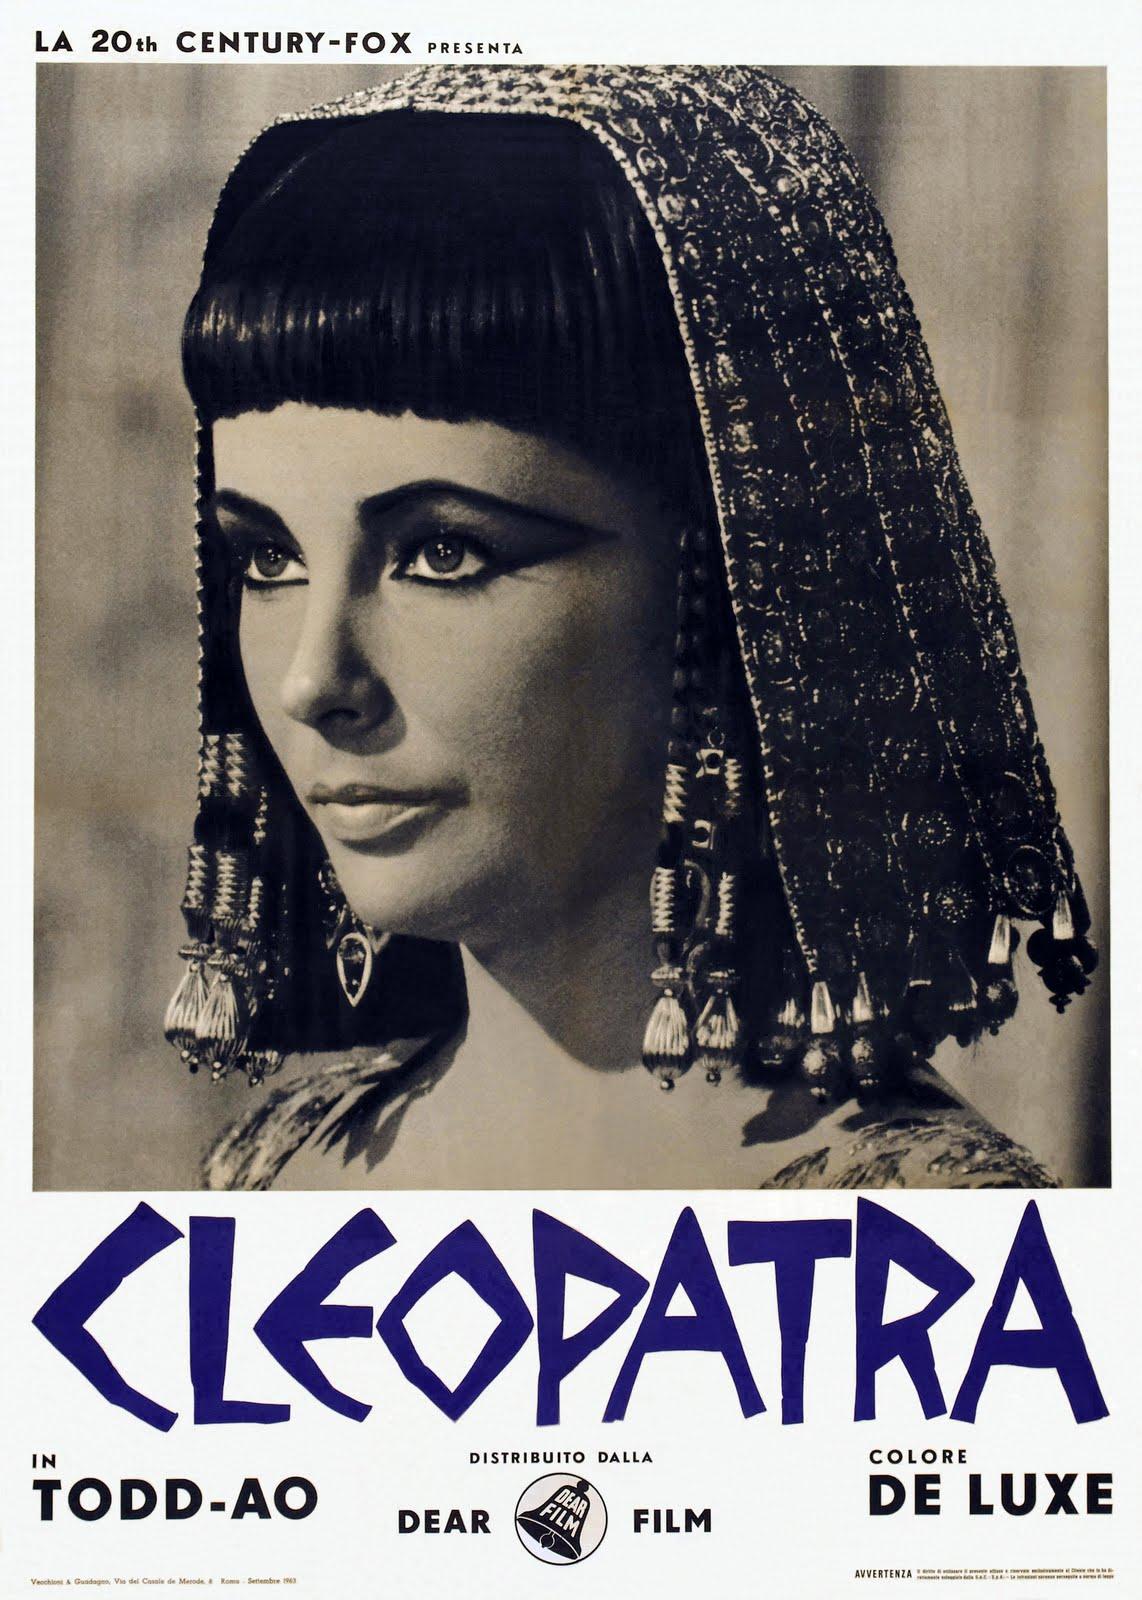 http://3.bp.blogspot.com/-oCBljIOMvCQ/TYoXcJrCcXI/AAAAAAAAArI/9qN-b_zteZw/s1600/Cleopatra-1963-elizabeth-taylor-16282357-1828-2560.jpg